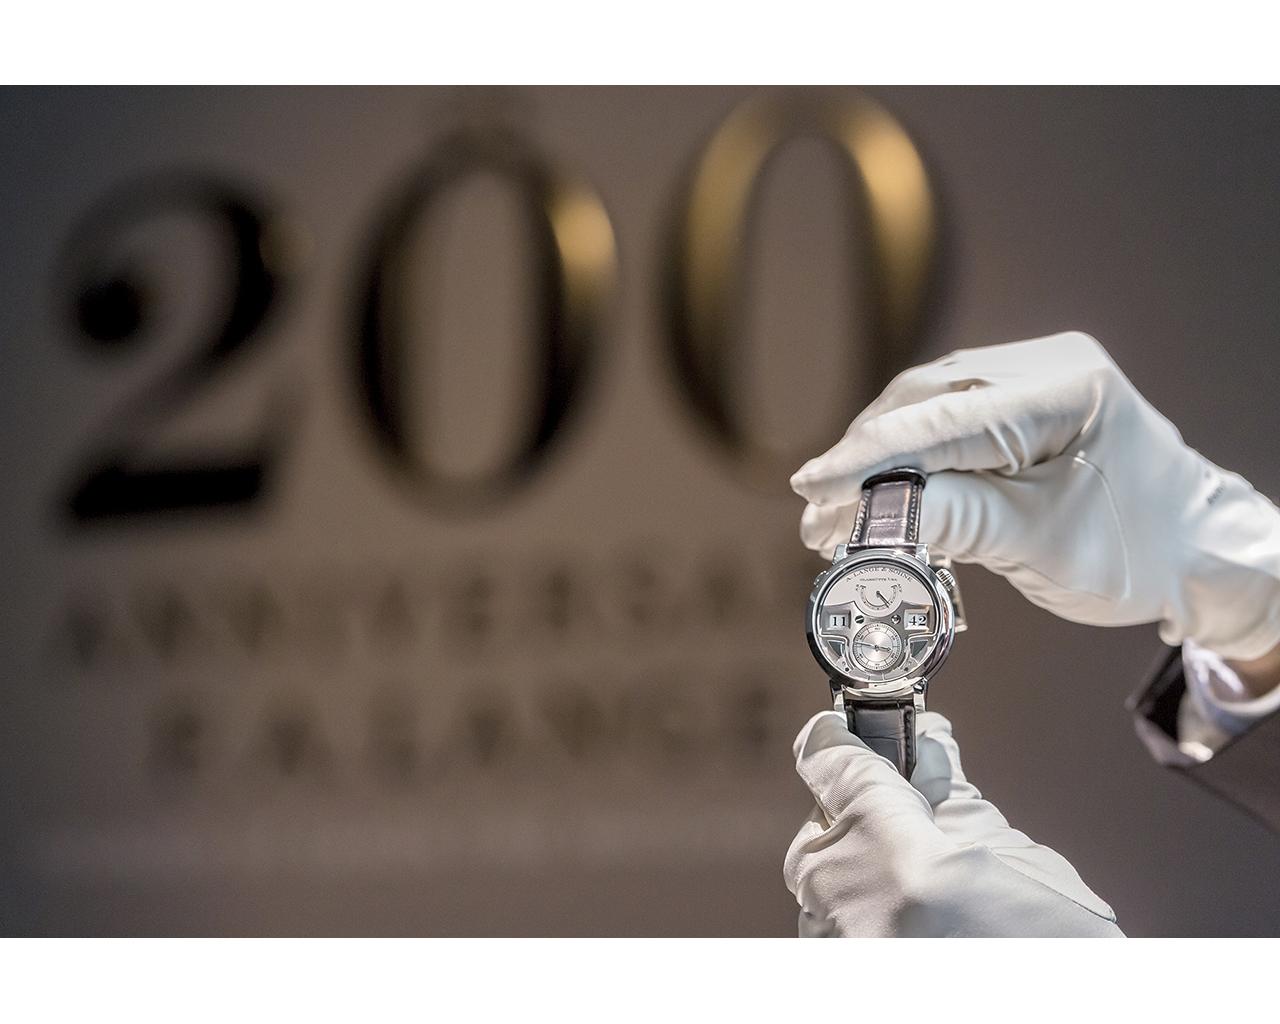 完美无暇 纪念费尔迪南多·阿道夫·朗格200周年诞辰